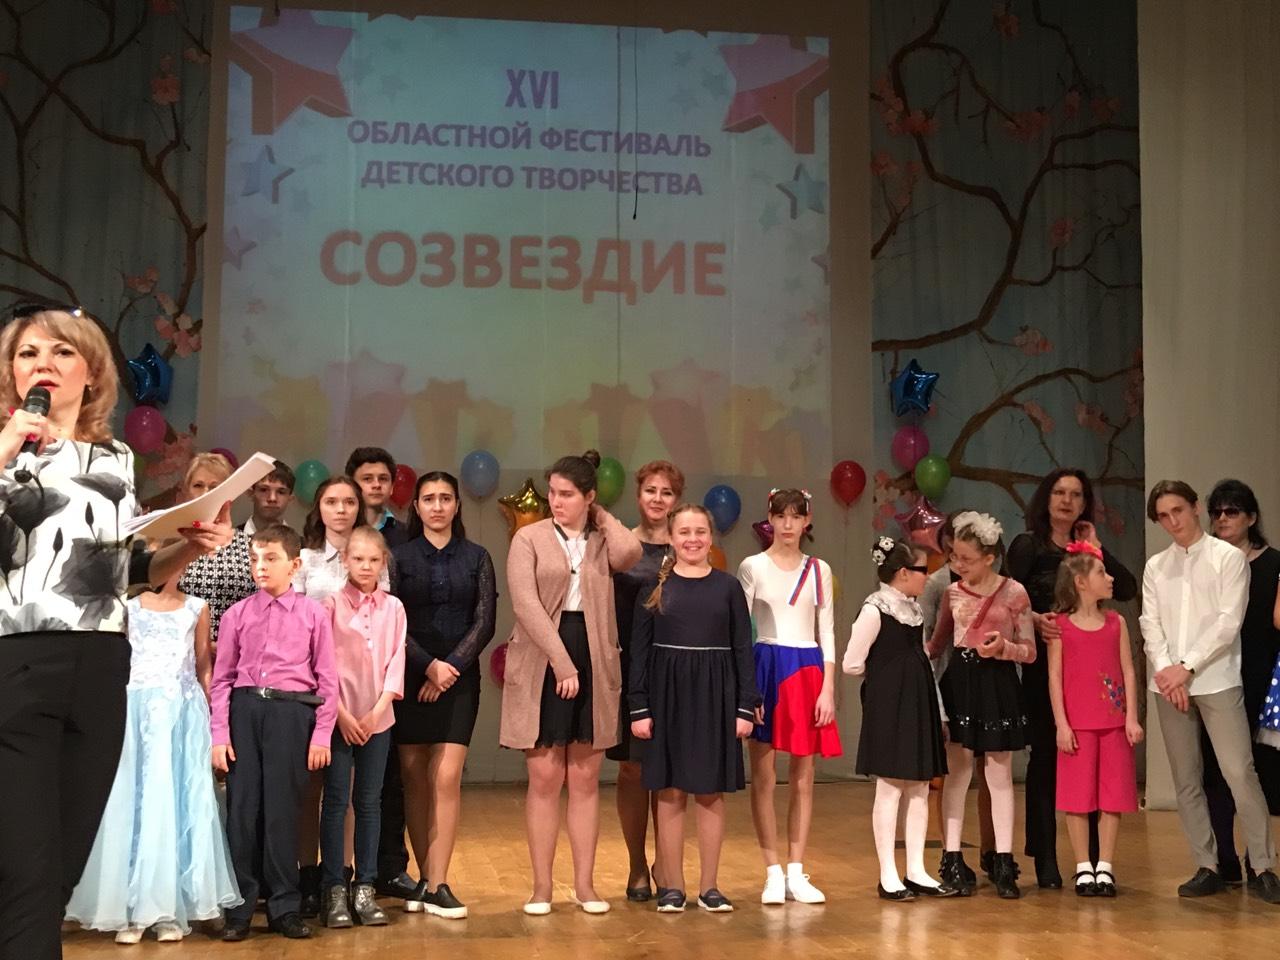 XVI областной фестиваль детского творчества «Созвездие»